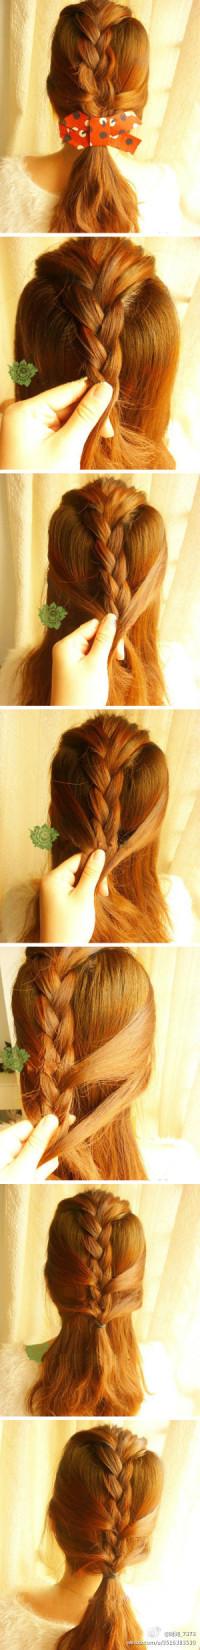 DIY braided hair tips – casually stroll